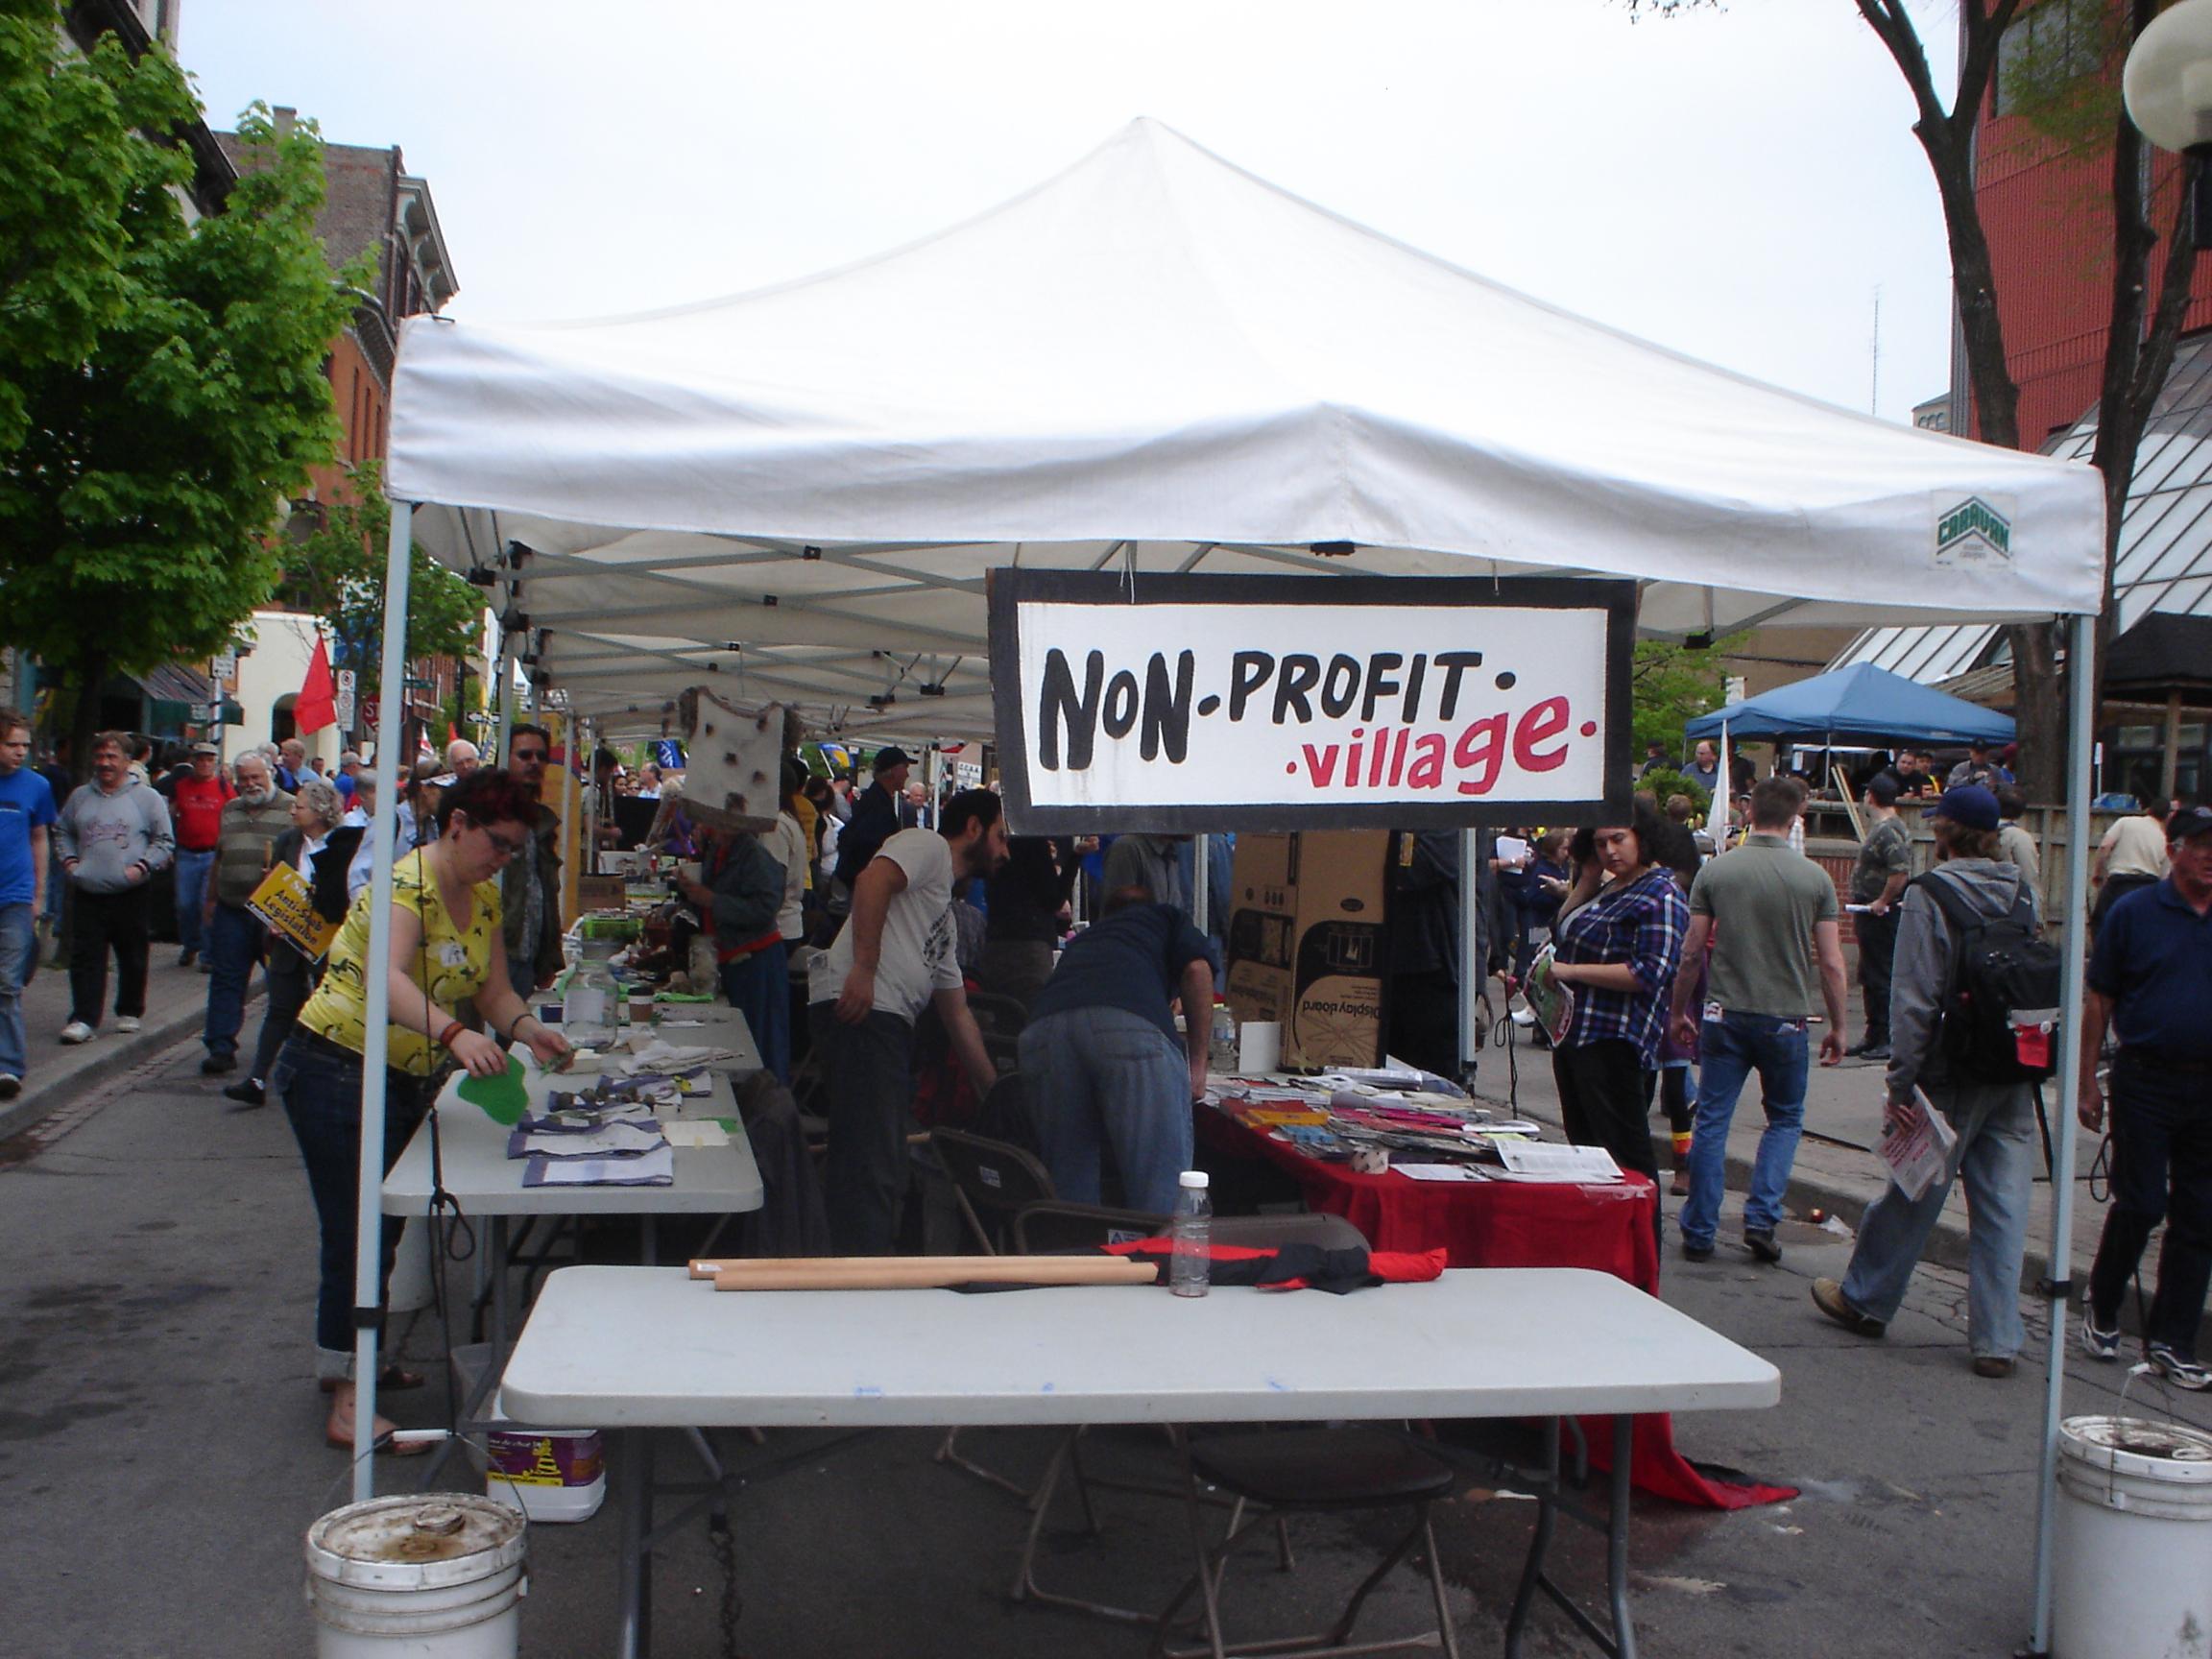 non-profit village